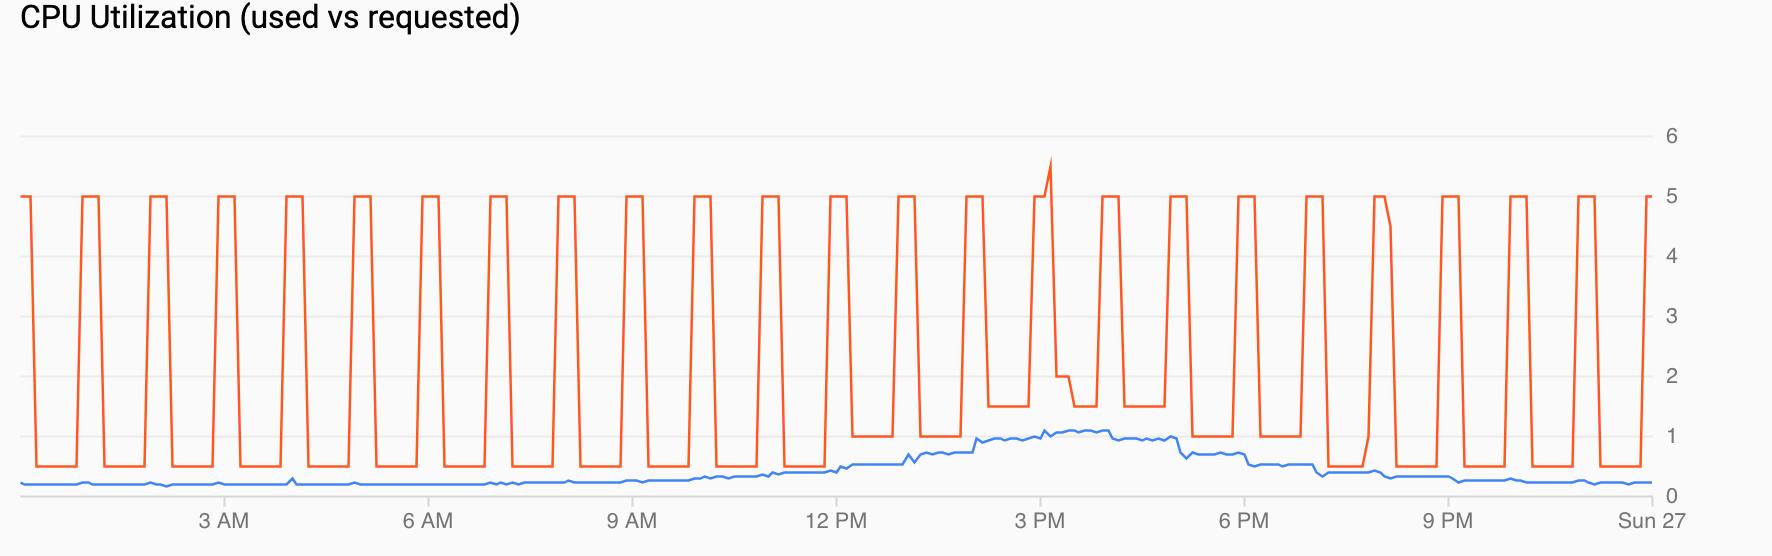 Graphique de l'utilisation du processeur, illustrant l'augmentation de la demande pendant la journée jusqu'à 16h, puis une chute.